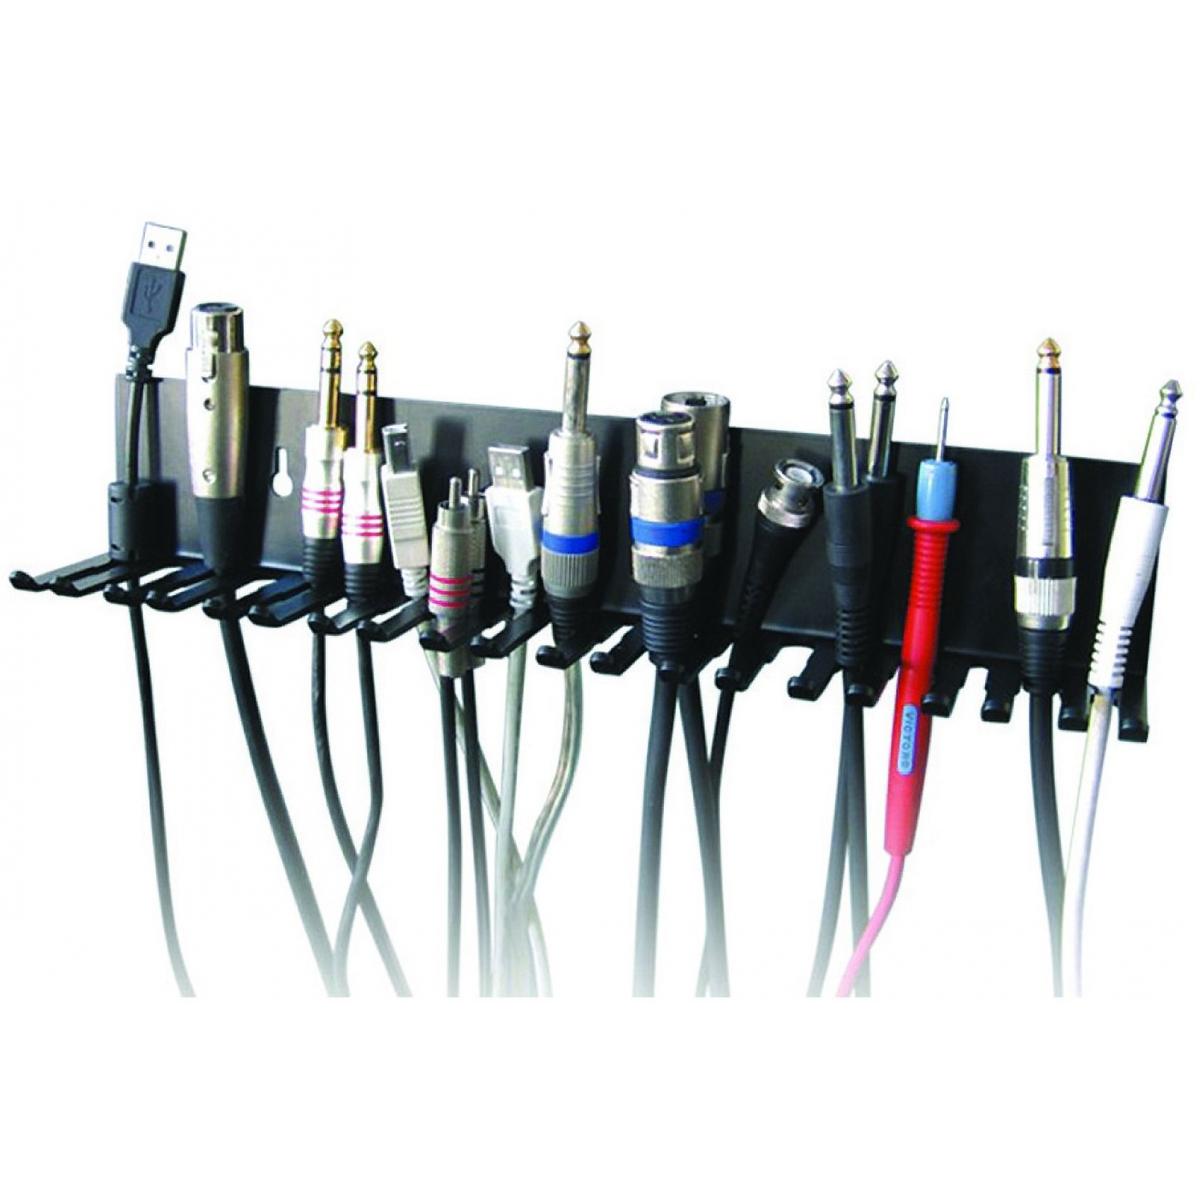 Accessoires de cables - Alctron - CPS 200